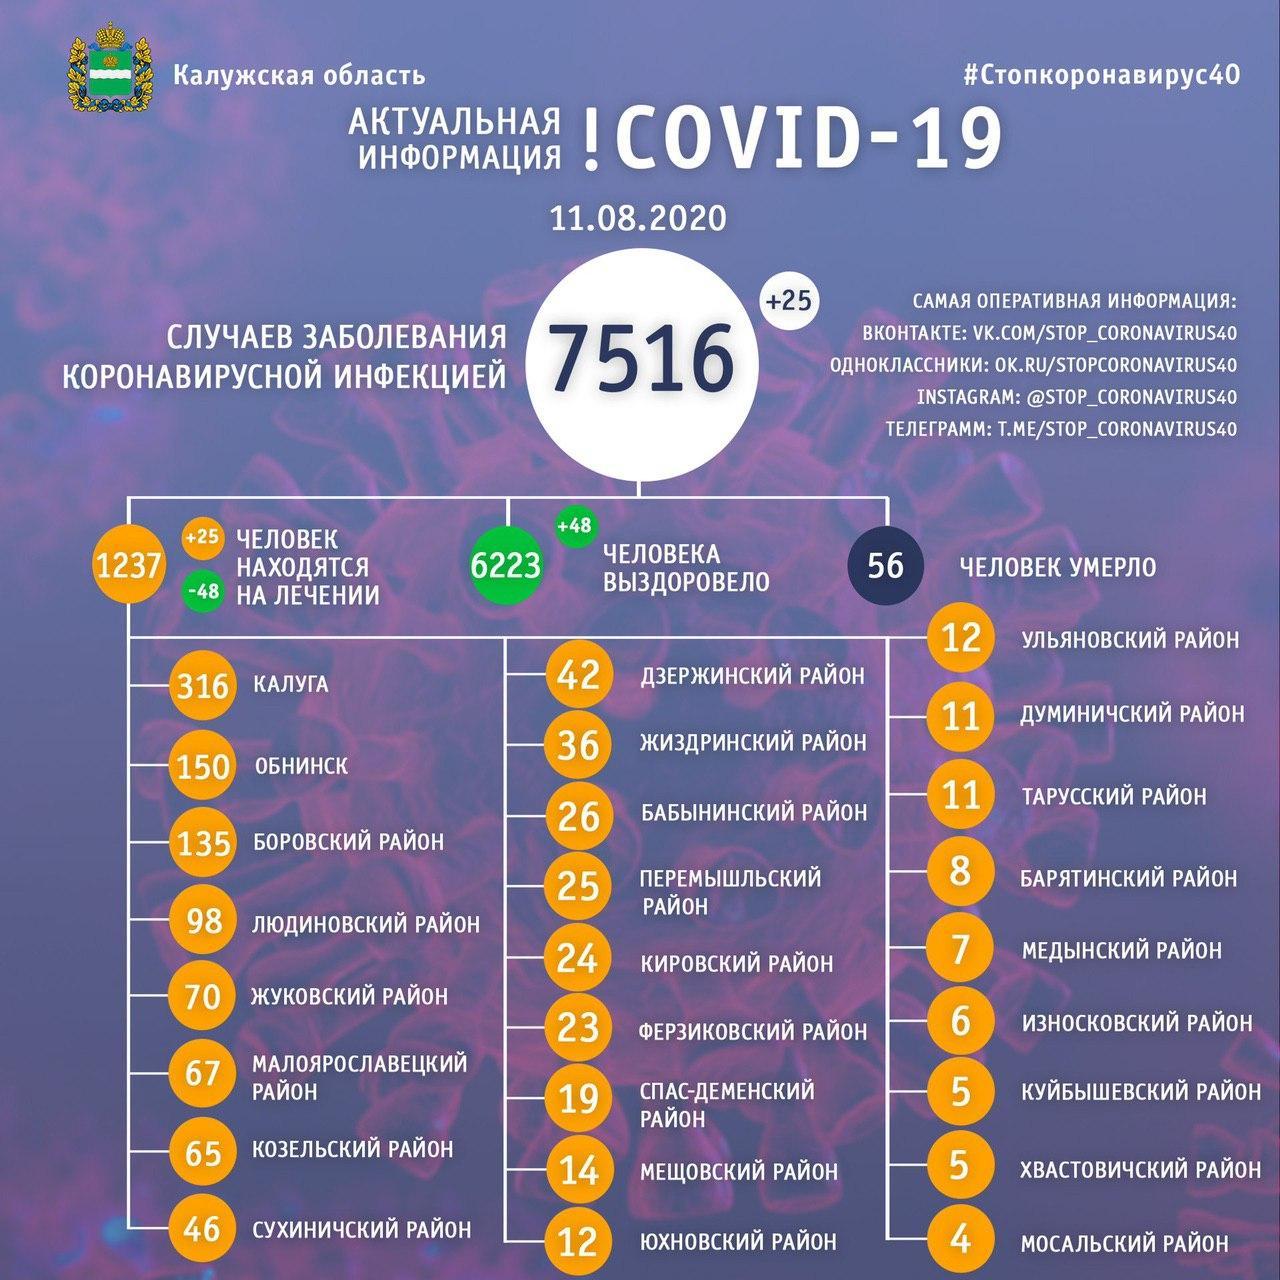 Коронавирус в Калужской области официальные данные на 11 августа 2020 года